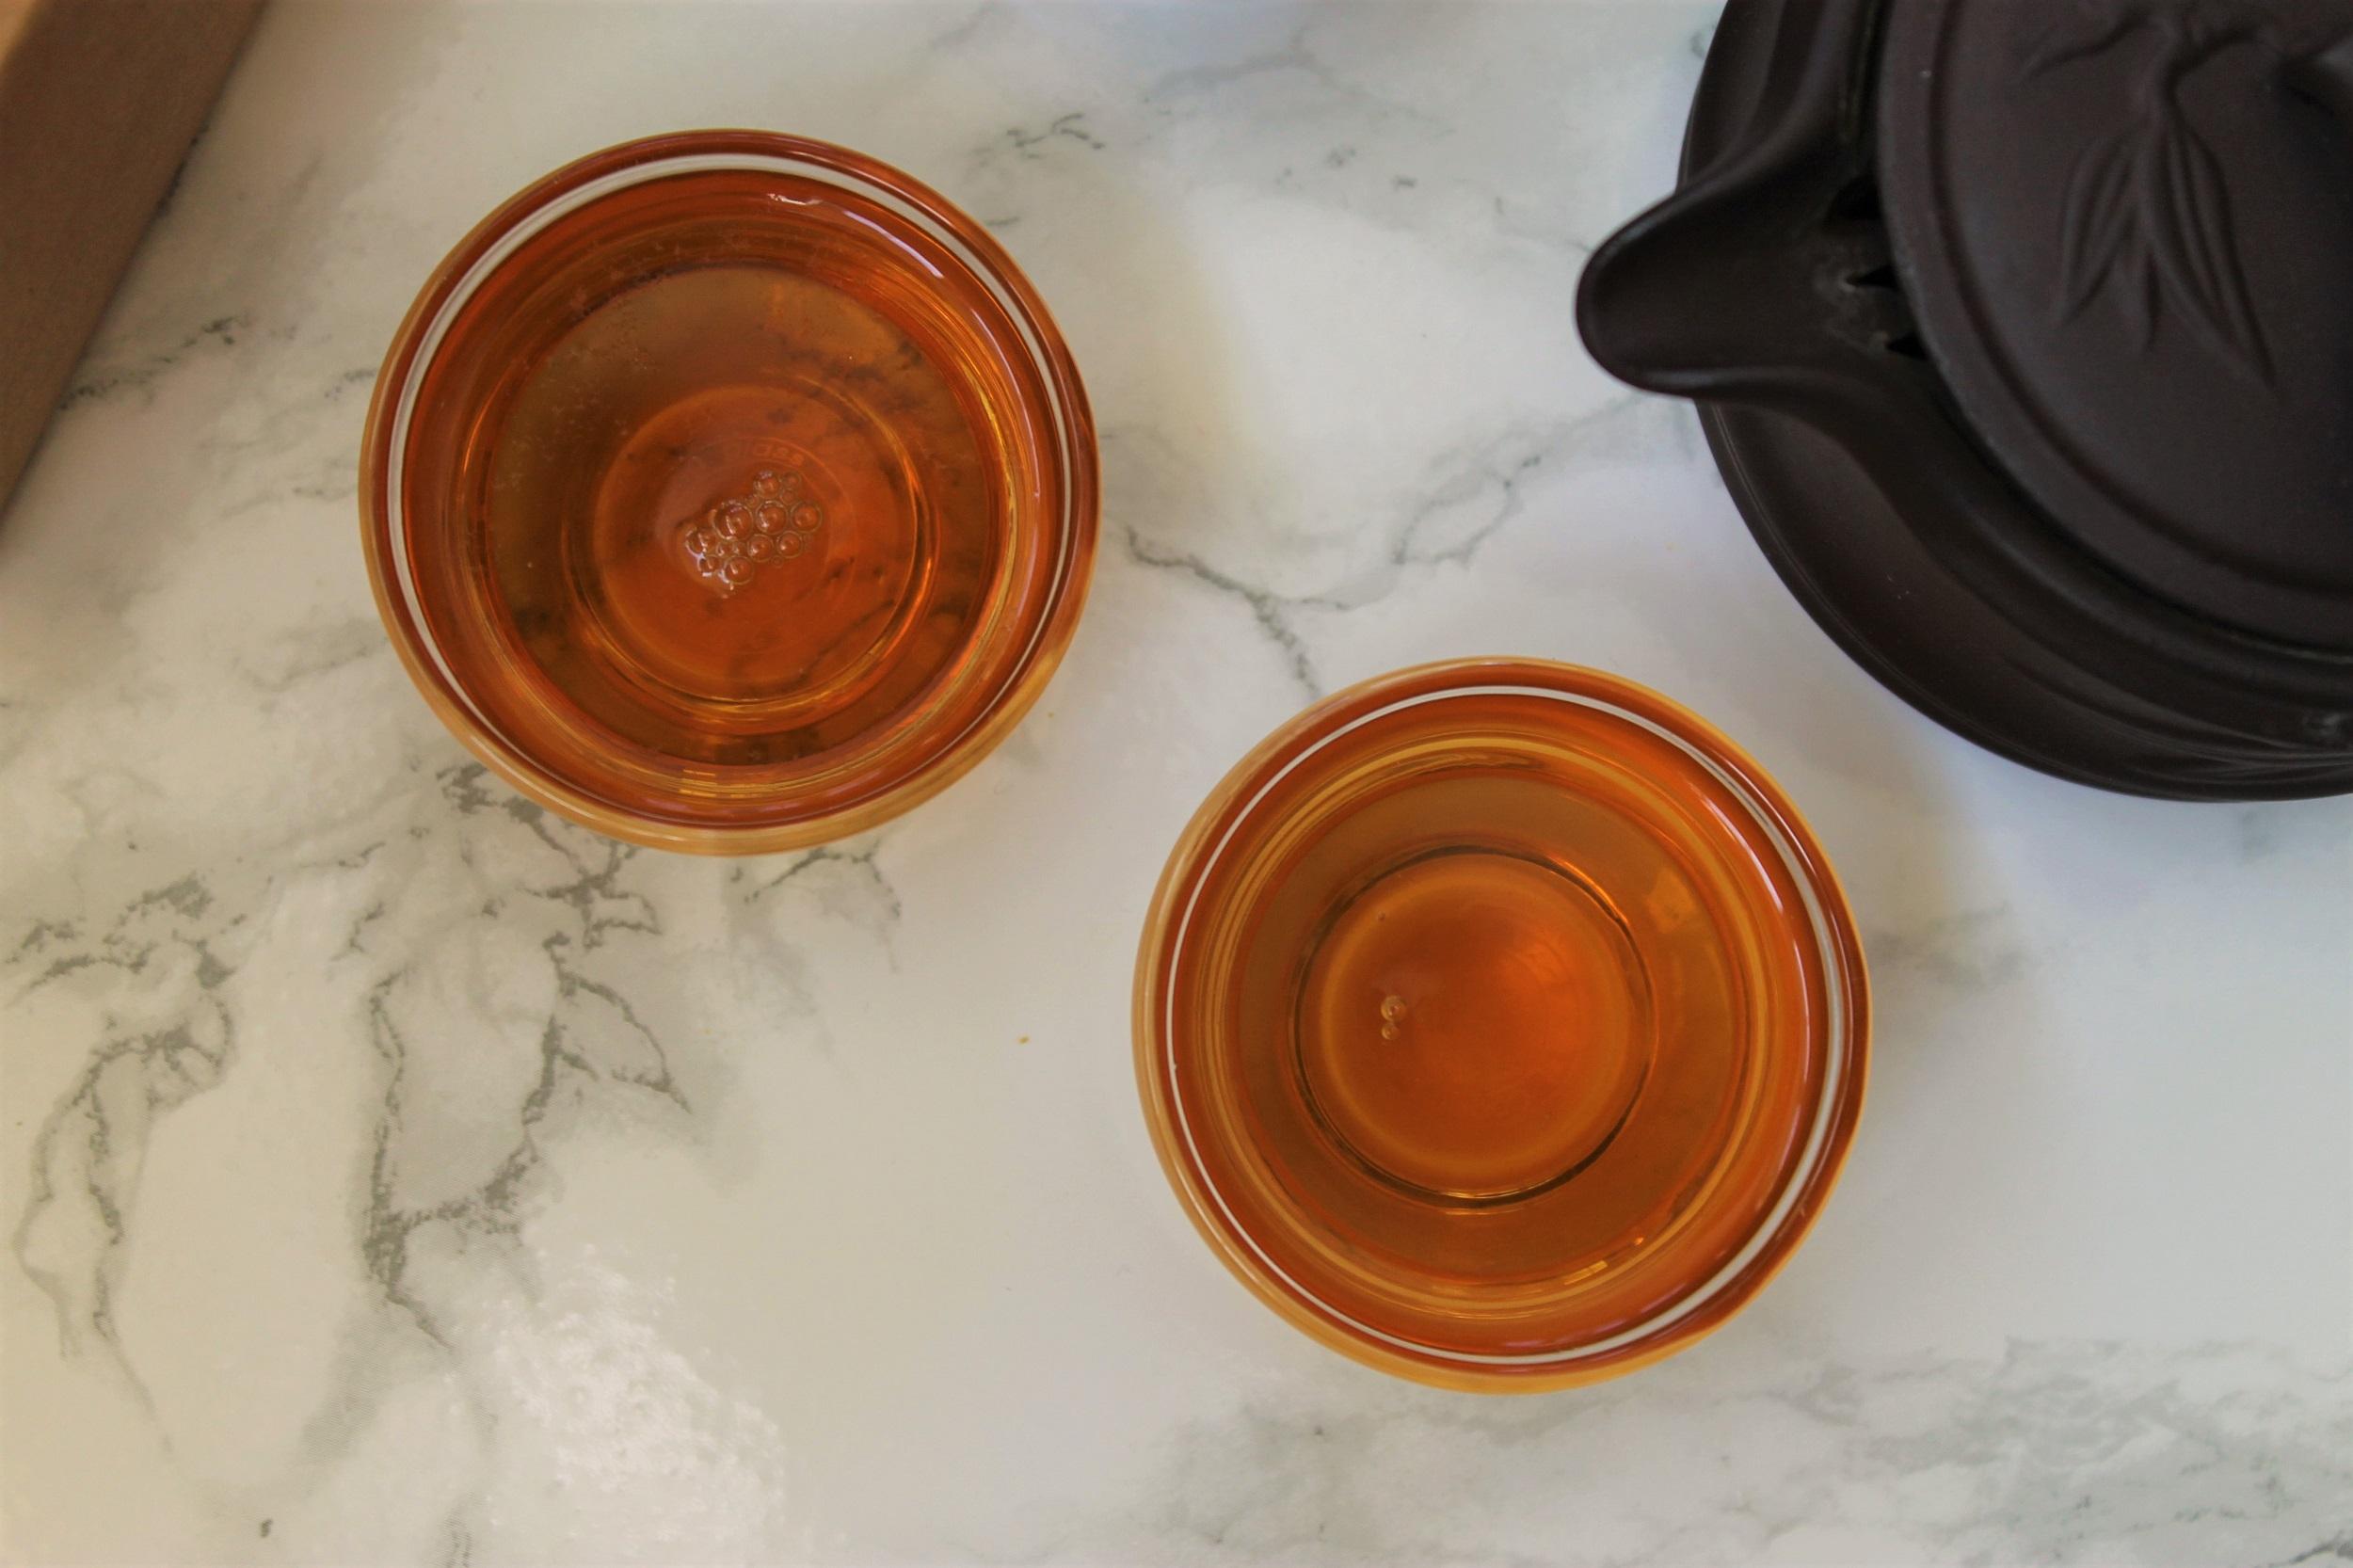 yuyun classic gongfu teacups